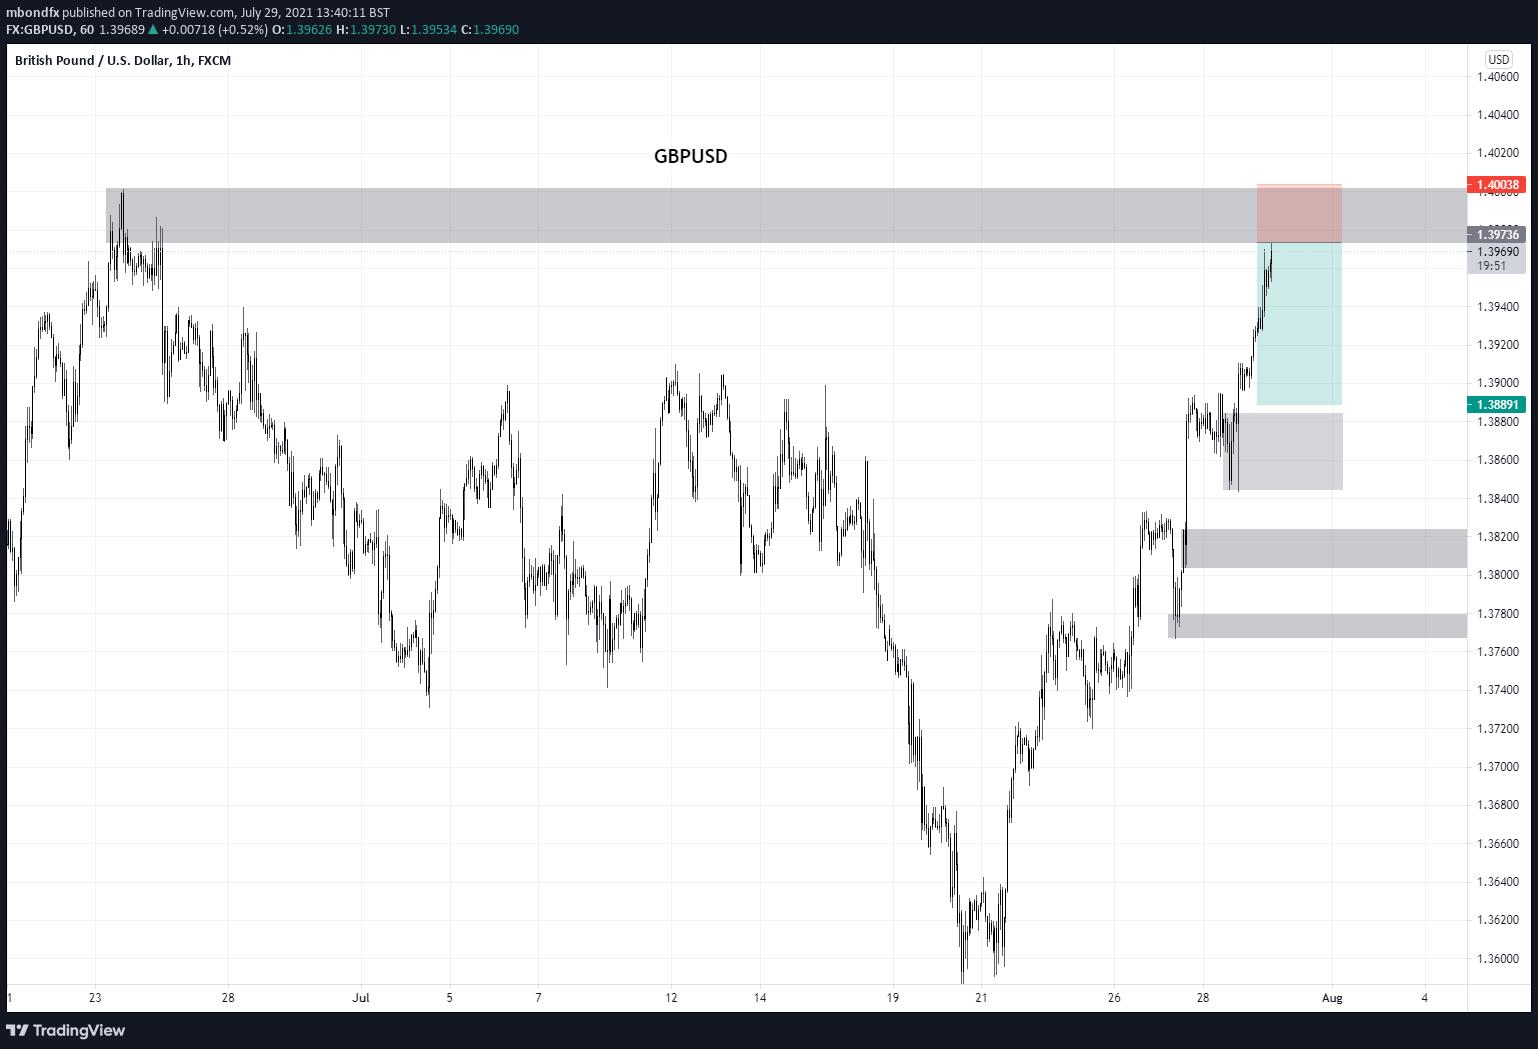 GBP/USD H1 S&D